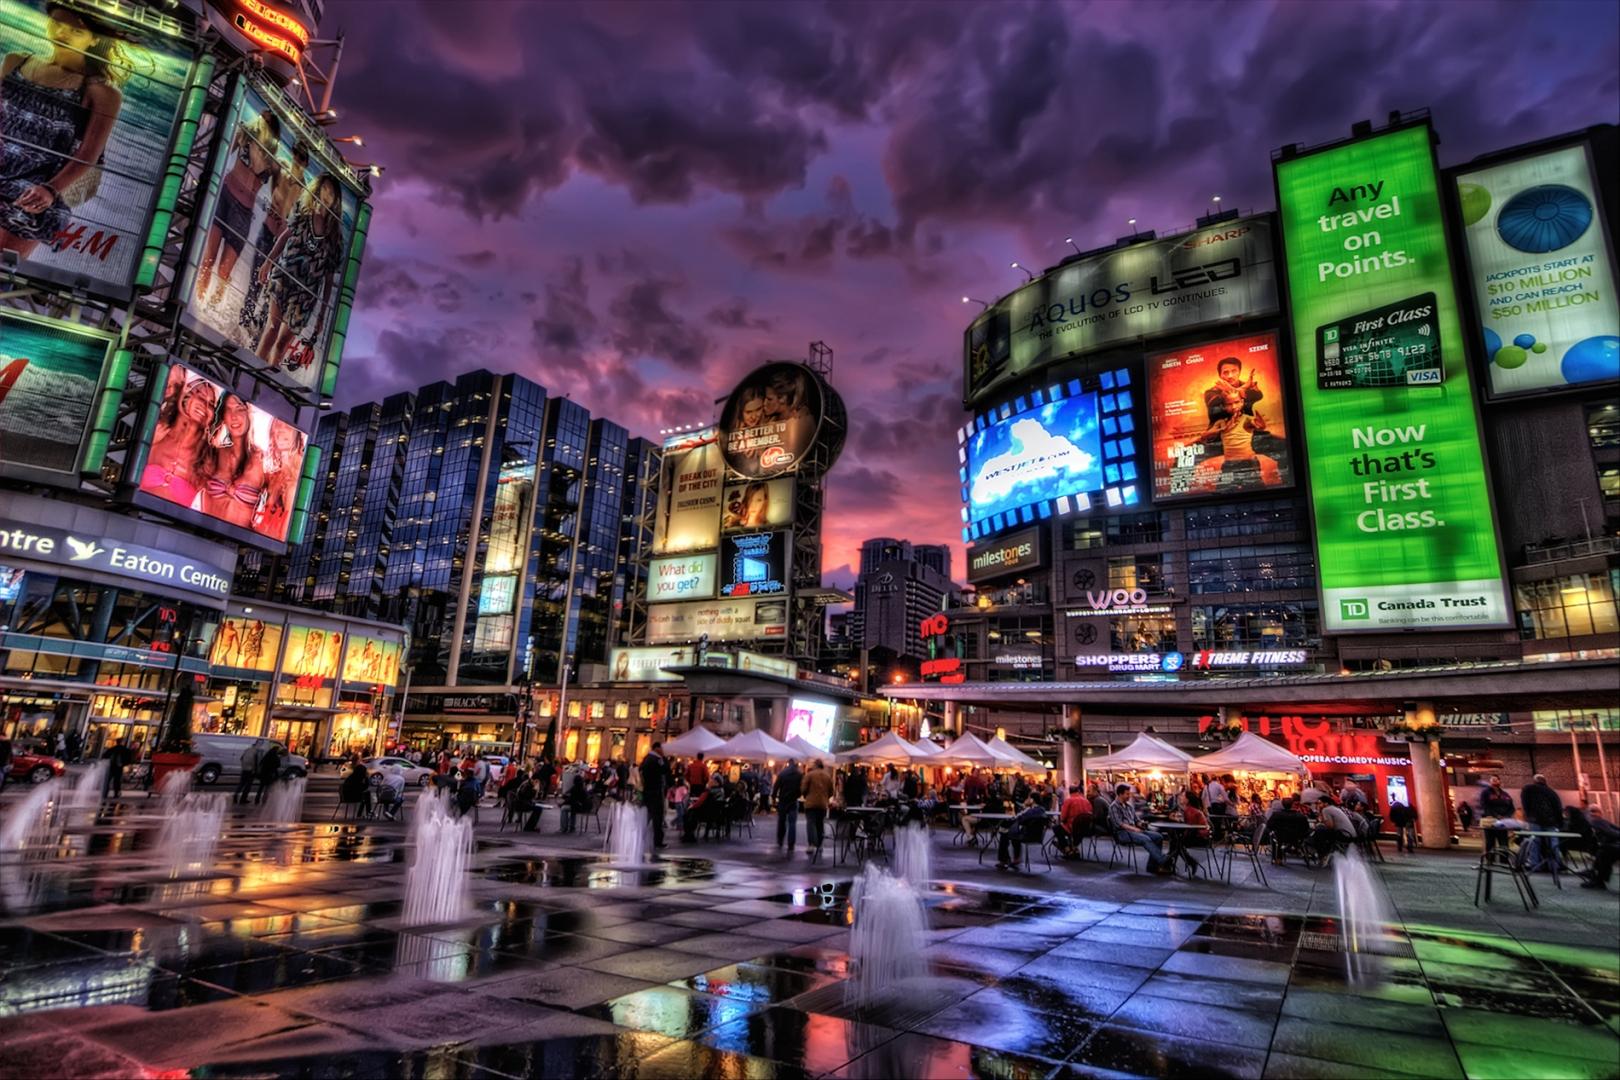 Dundus square in Toronto Canada